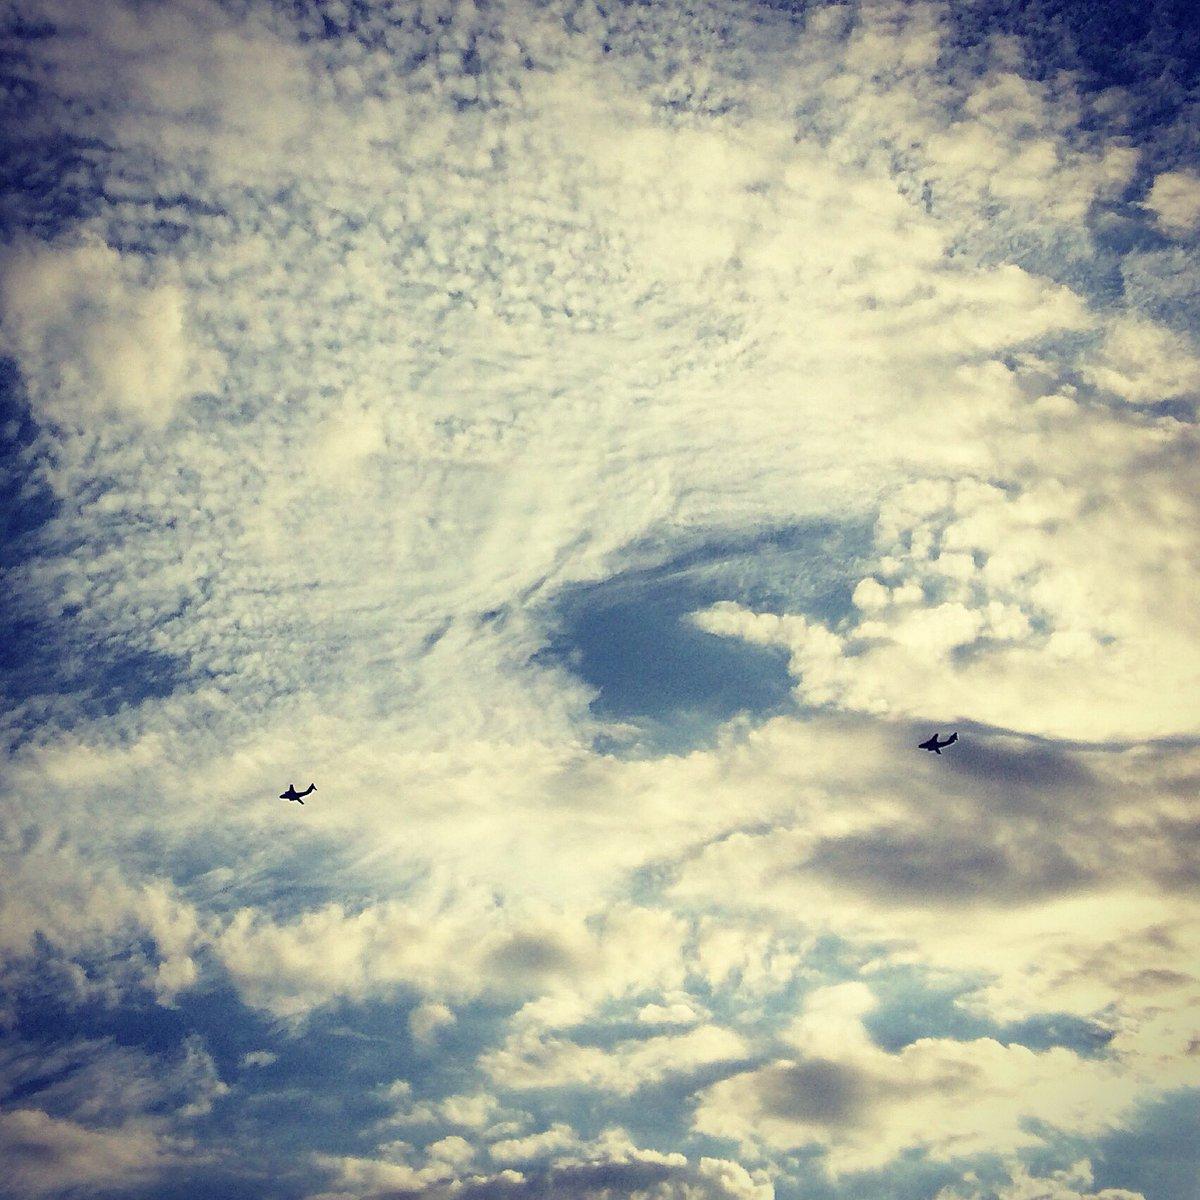 #夕空 #飛行機 #編隊 #空 #雲 #sky #イマソラ #ファインダー越しの私の世界 #写真撮ってる人と繋がりたい https://t.co/YCSCFBfvrC